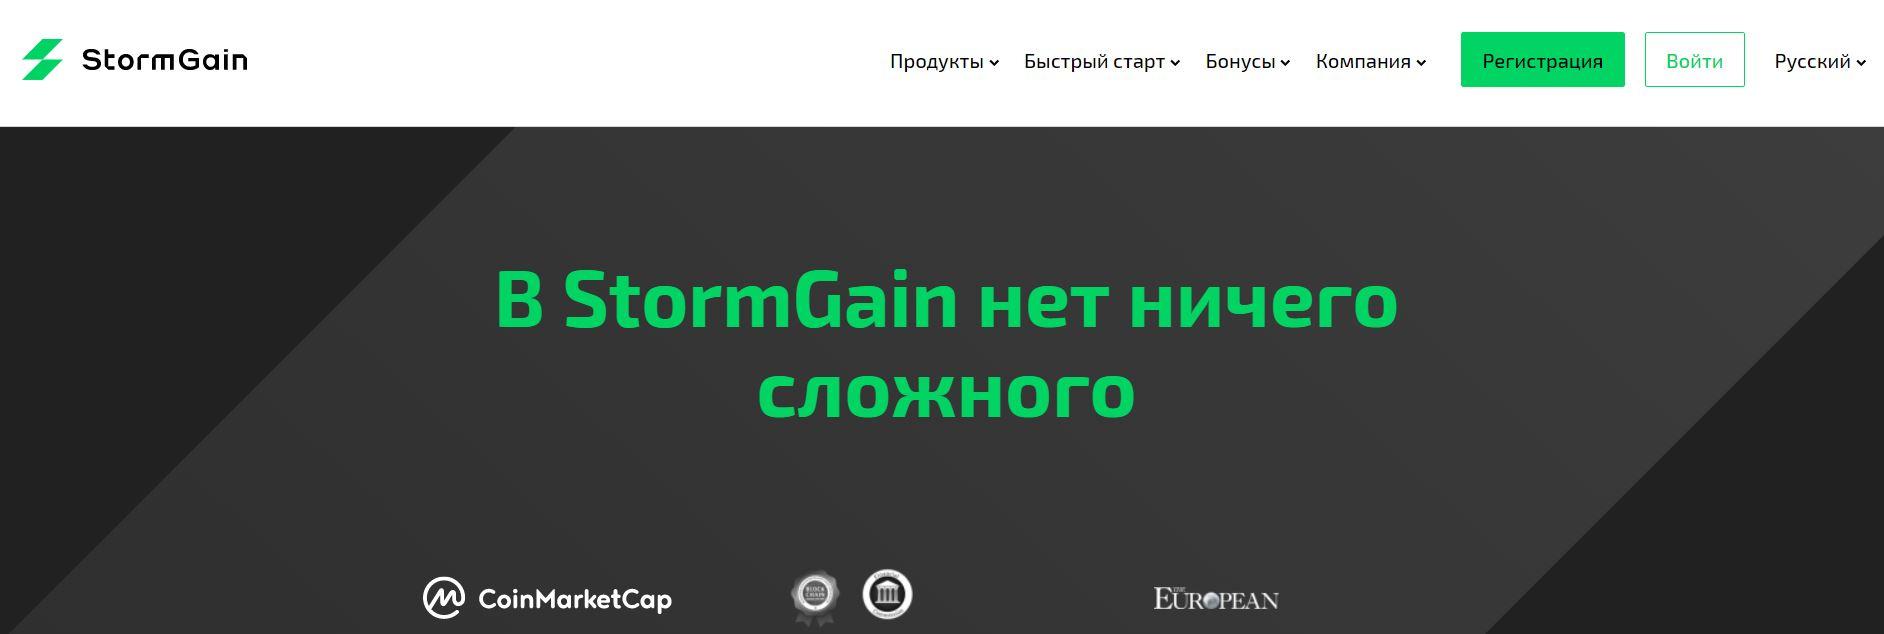 Главная страница платформы StormGain